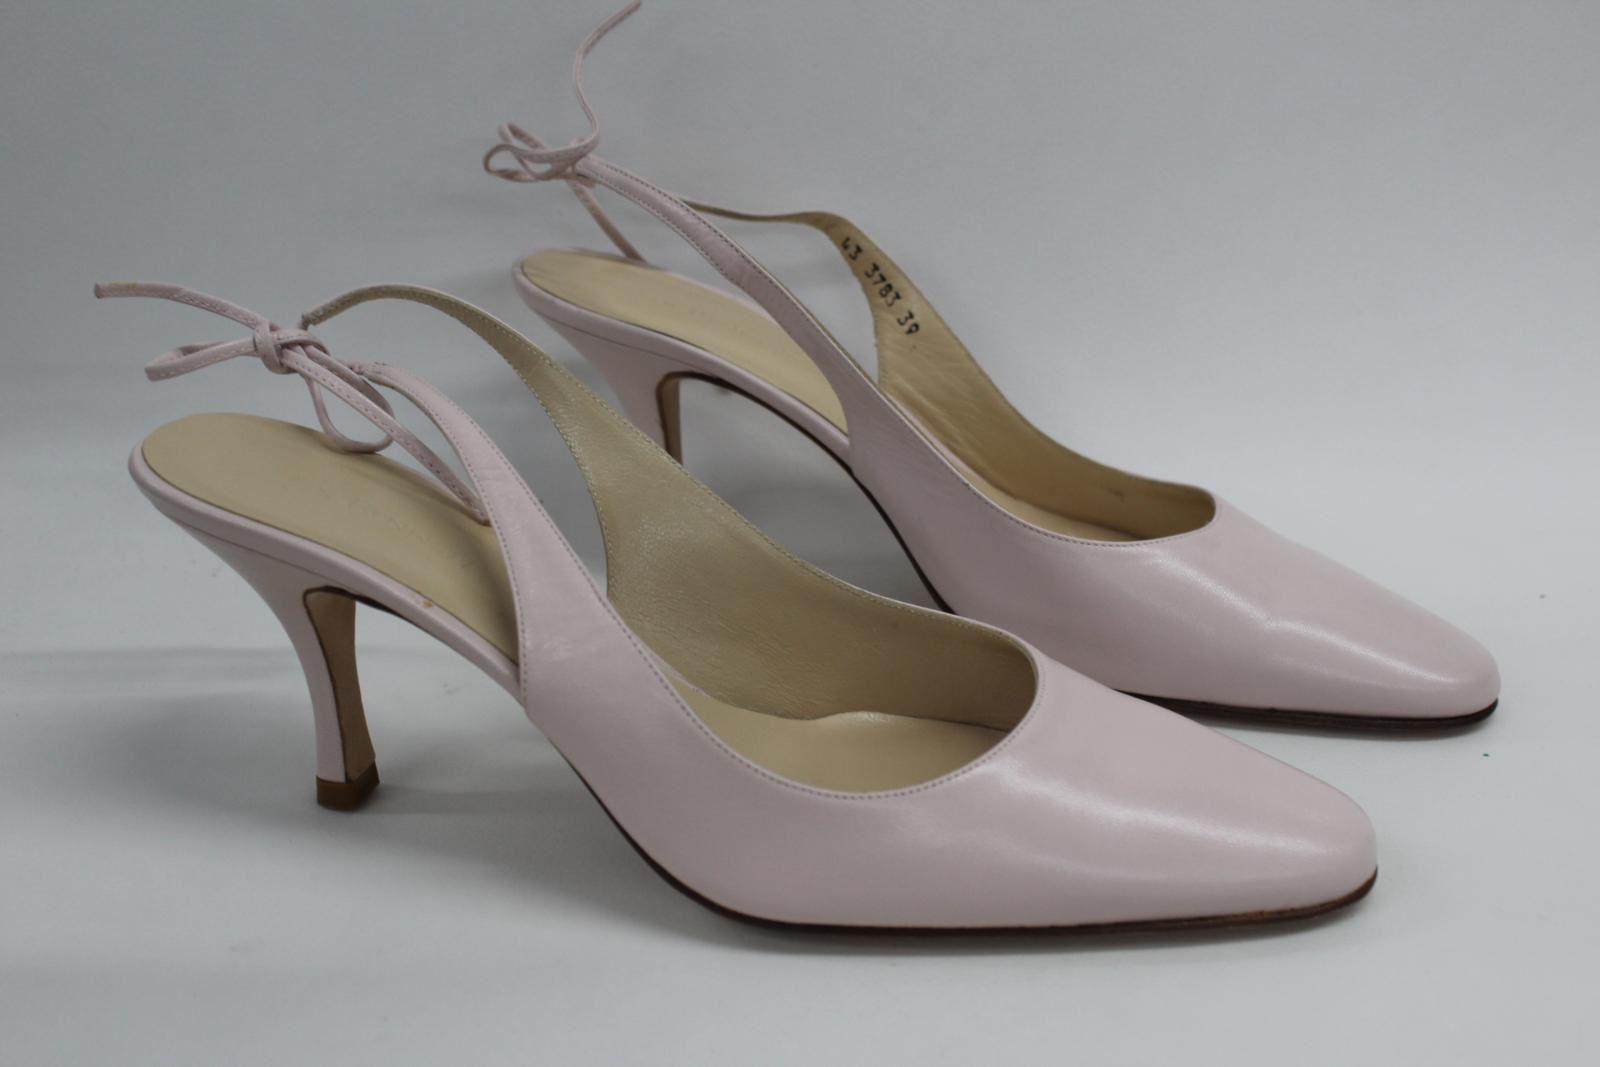 L-K-Bennett-London-en-cuir-avec-Lumiere-Rose-Slim-Chaussures-a-talon-UK6-EU39-nouveau